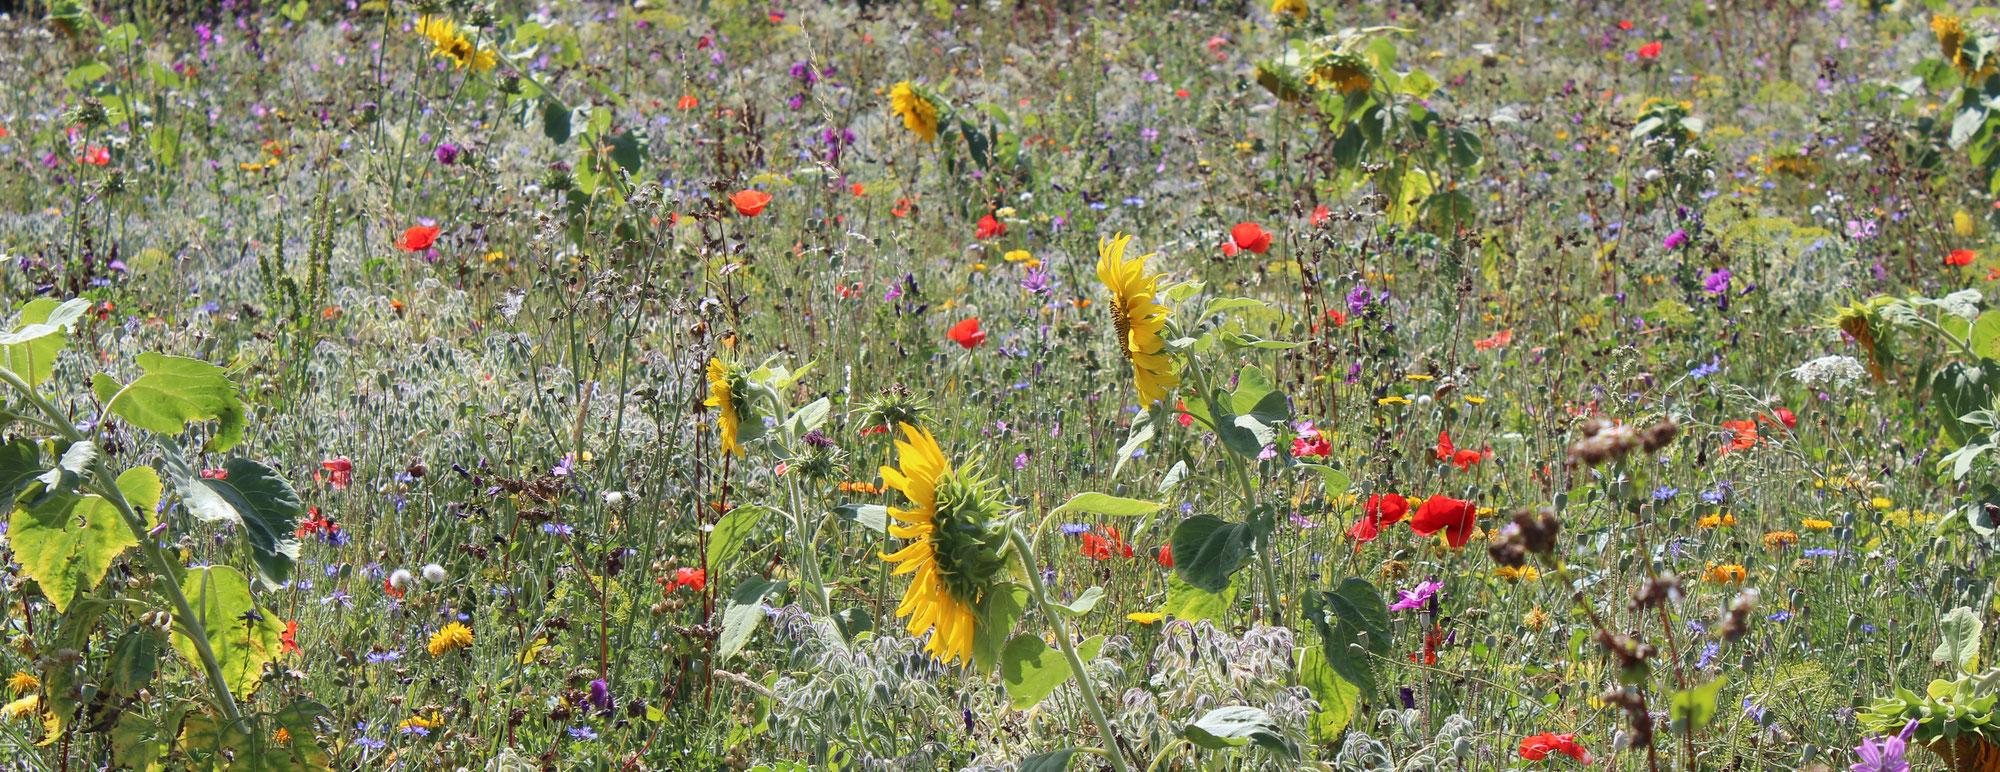 Gartentipps kreisverband f r gartenbau und landespflege for Garten tipps